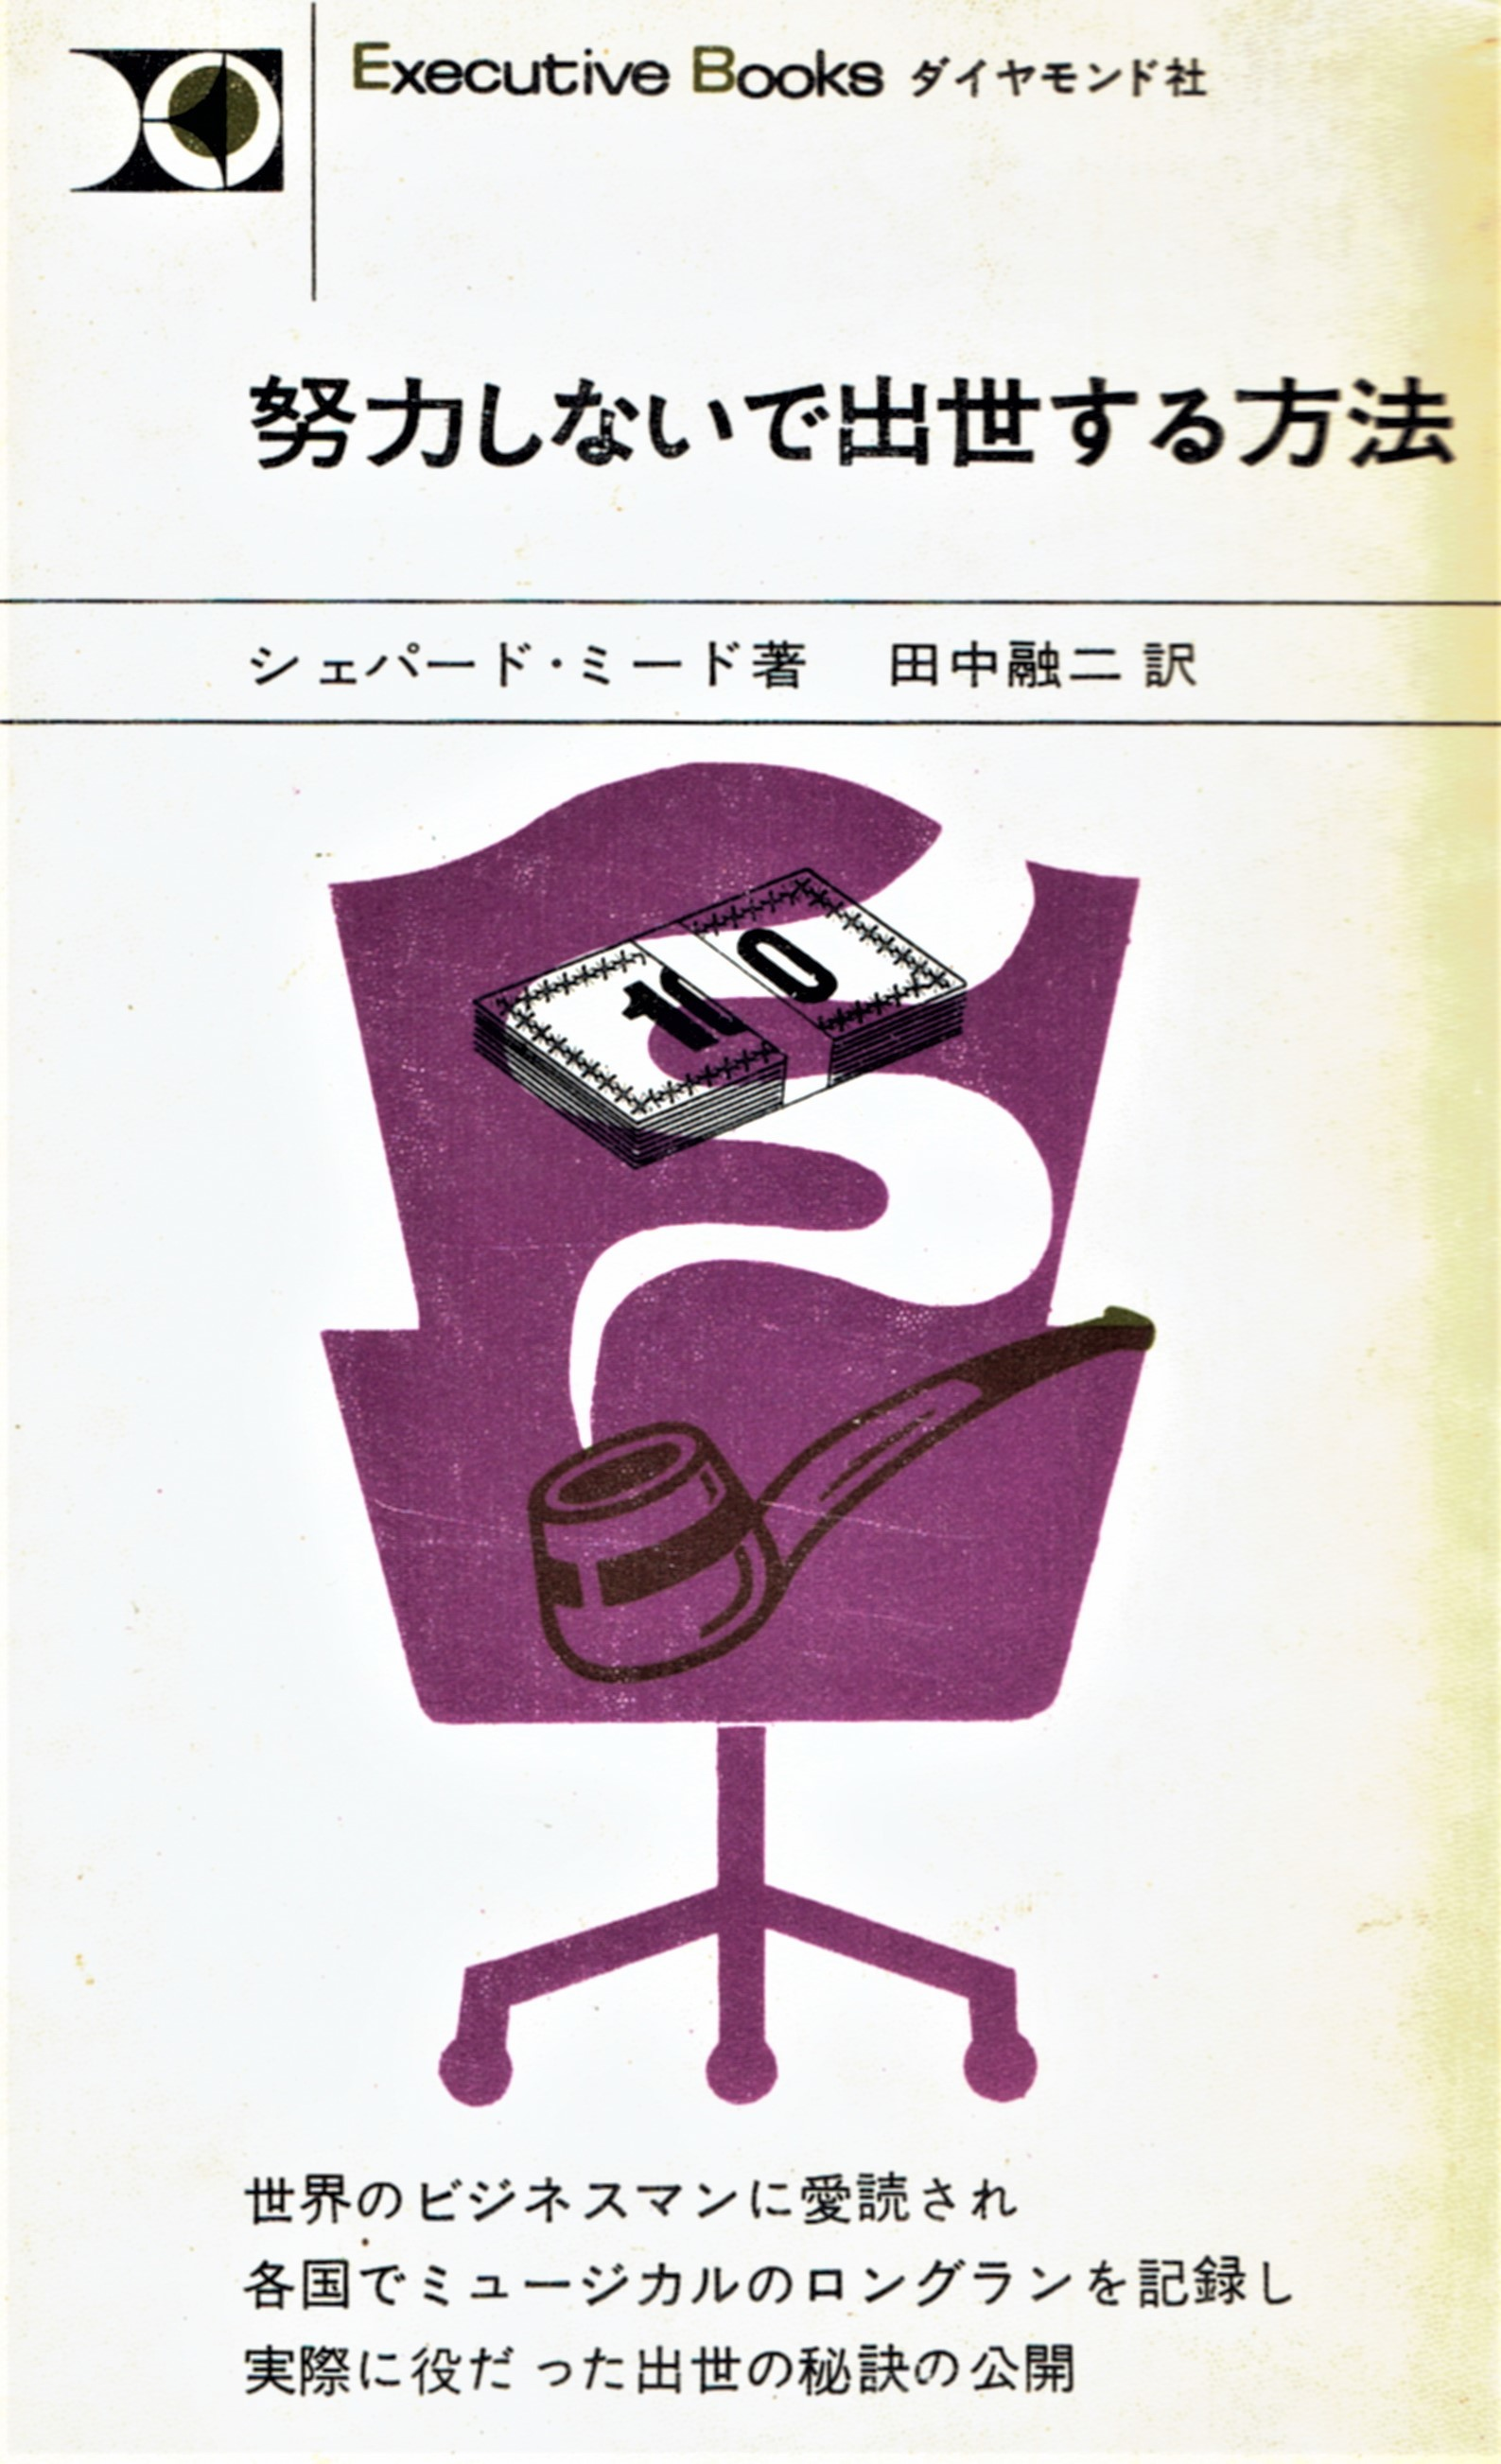 原作本は、1964年に翻訳出版。「雑用係から脱出する法」や「責任を転嫁する法」、「ワンマンのお気に入りになる法」などに項目分けされている。